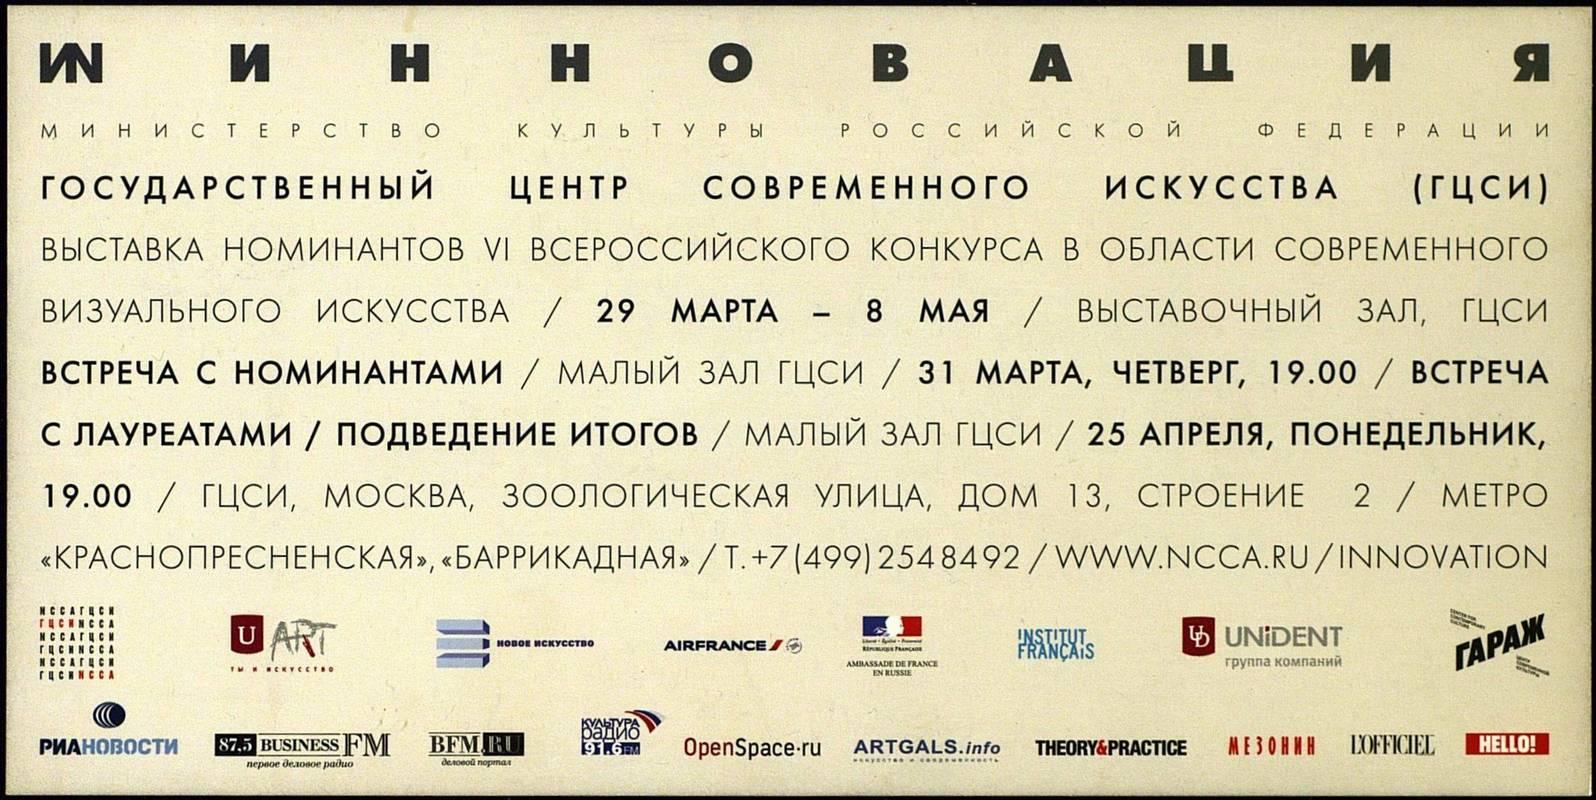 Инновация 2010. Выставка номинантов VI Всероссийского конкурса в области современного визуального искусства